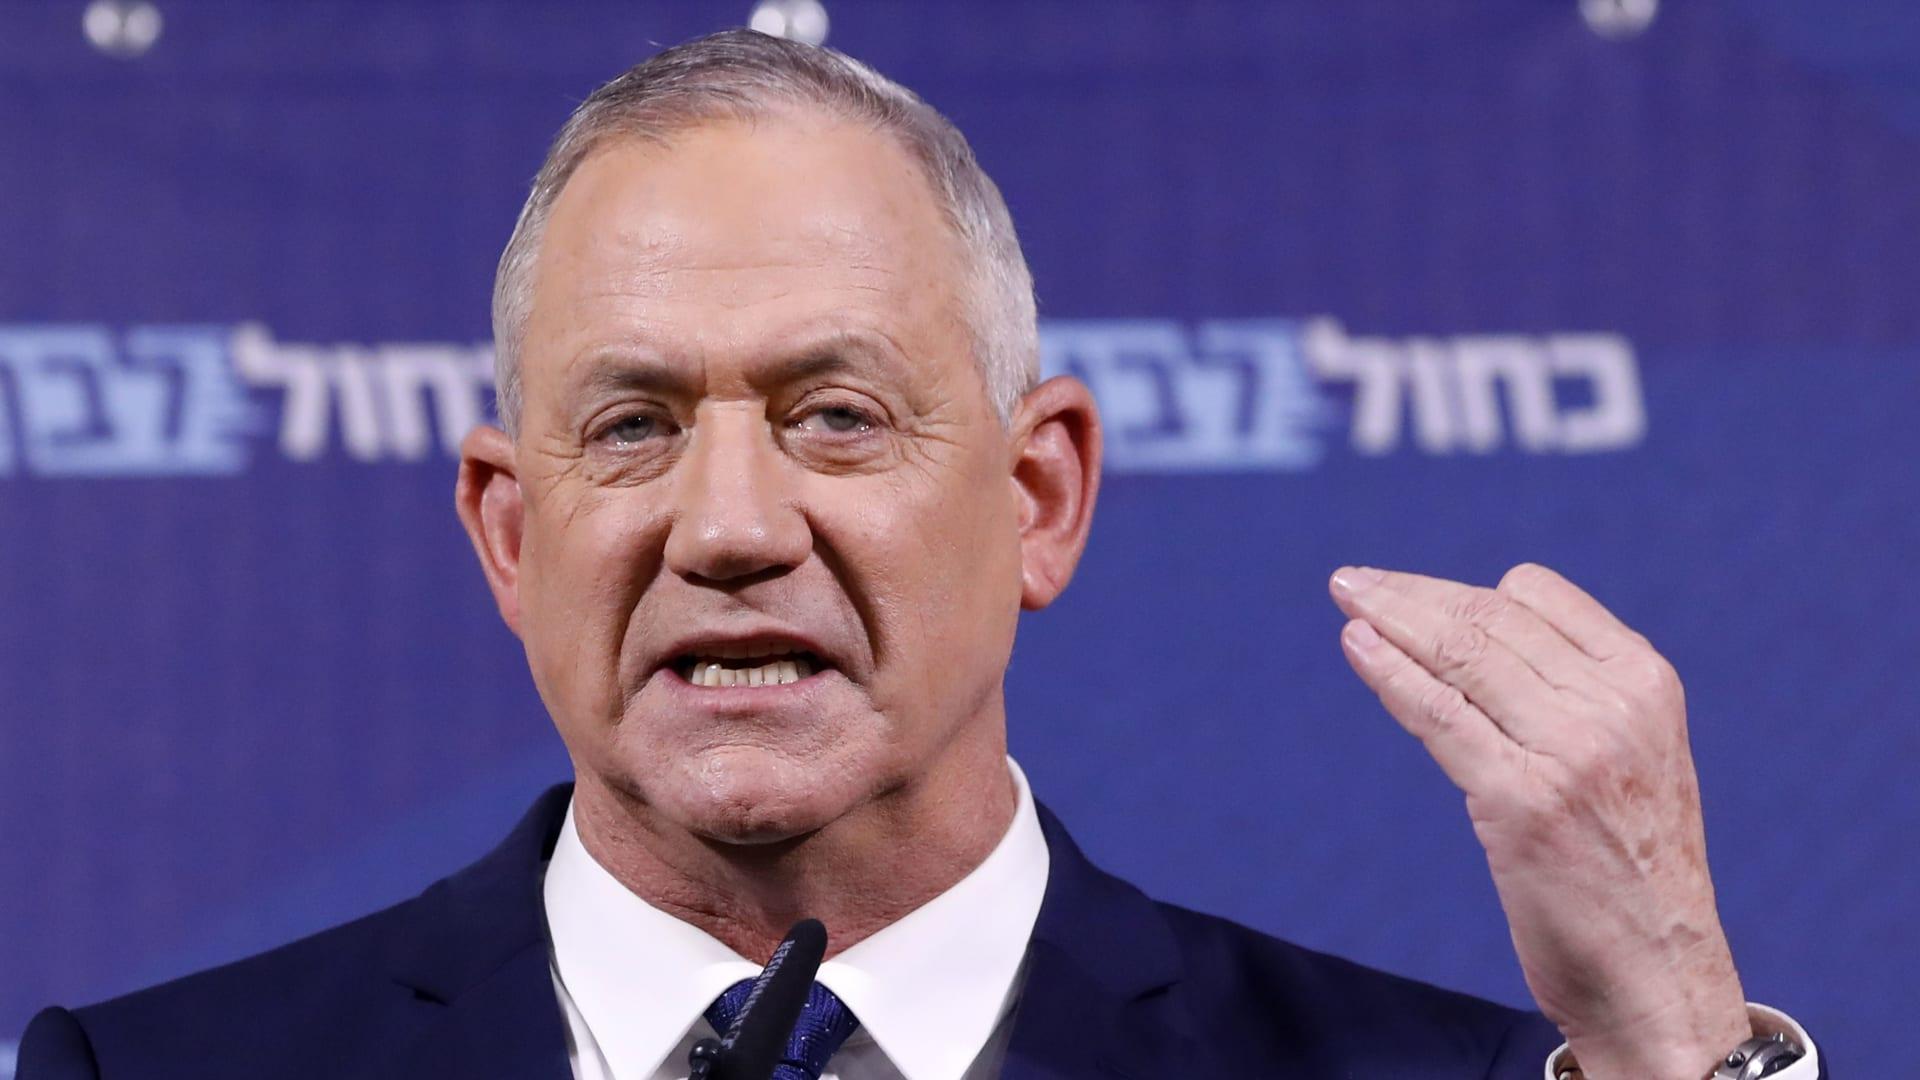 وزير دفاع إسرائيل يرفض مزاعم نتنياهو عن إلغاء زيارته للإمارات ويدافع عن الأردن